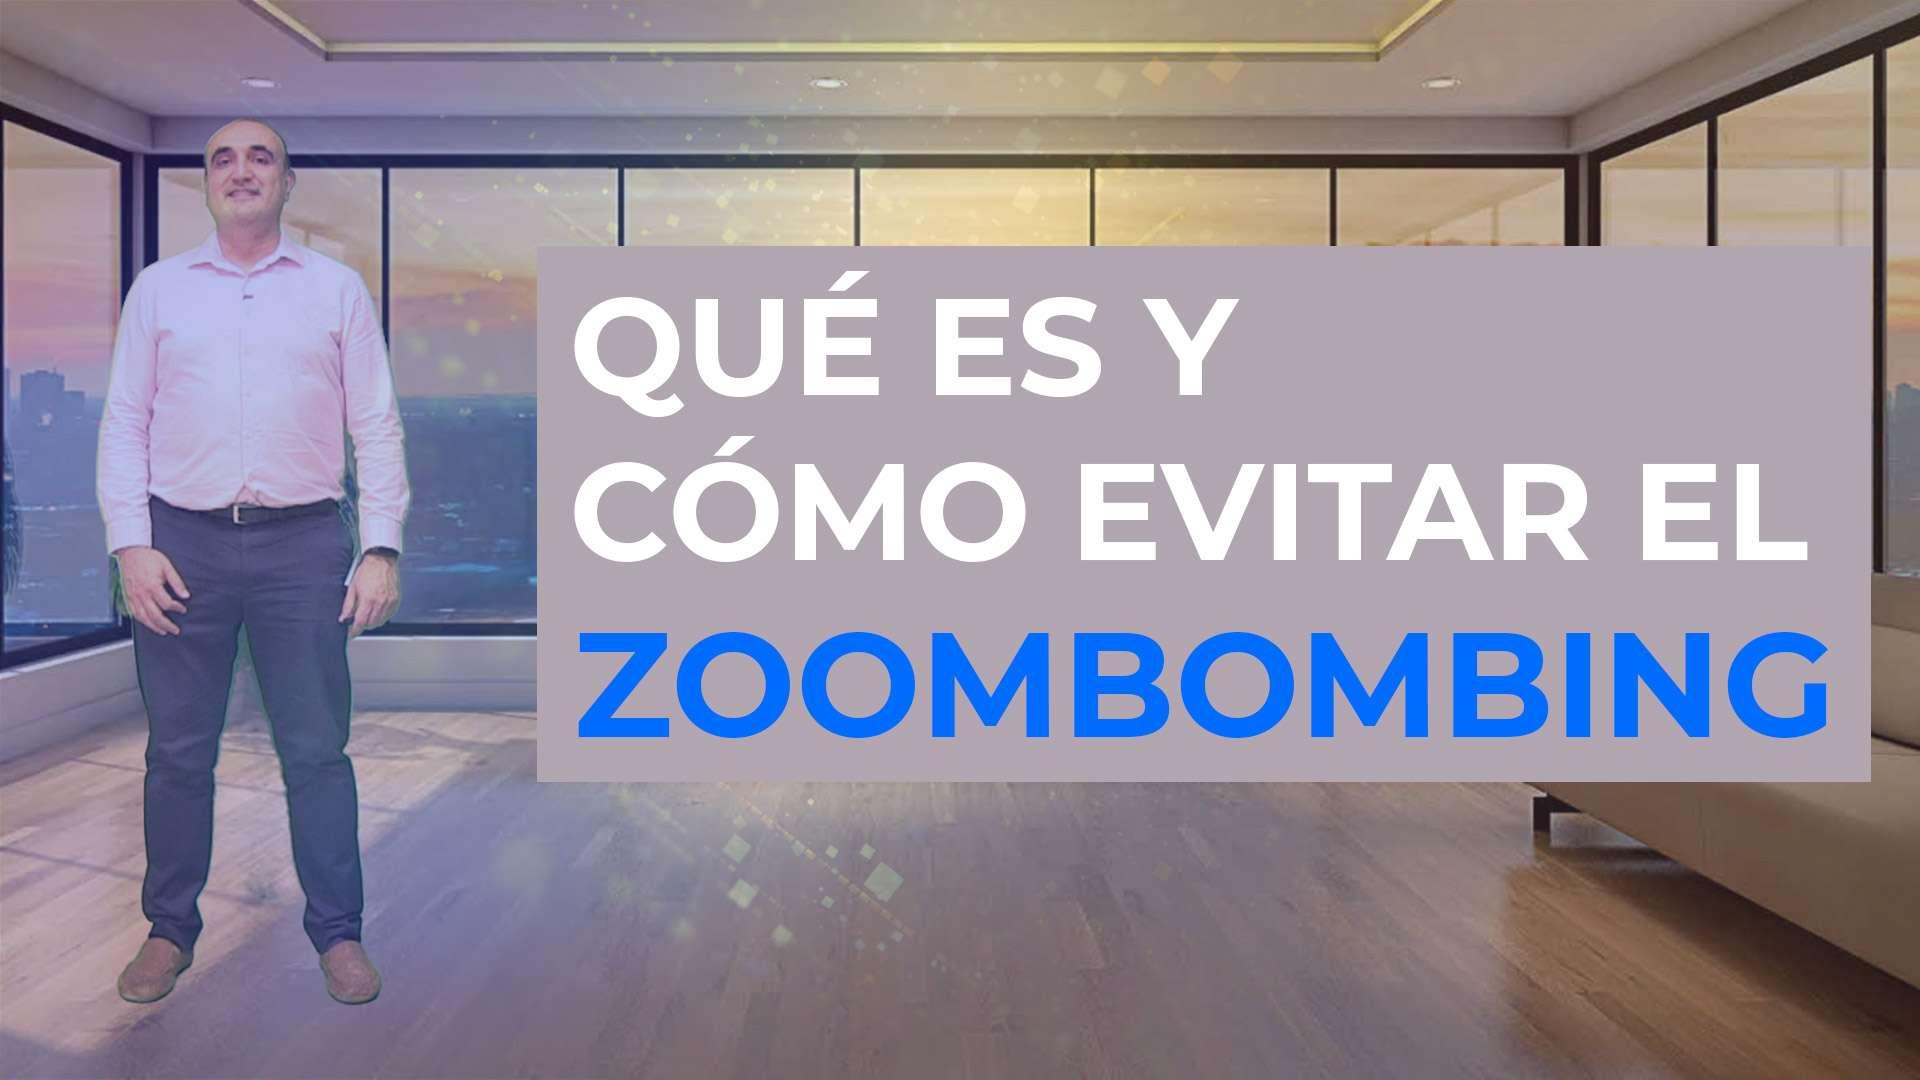 Qué es y cómo evitar el Zoombombing